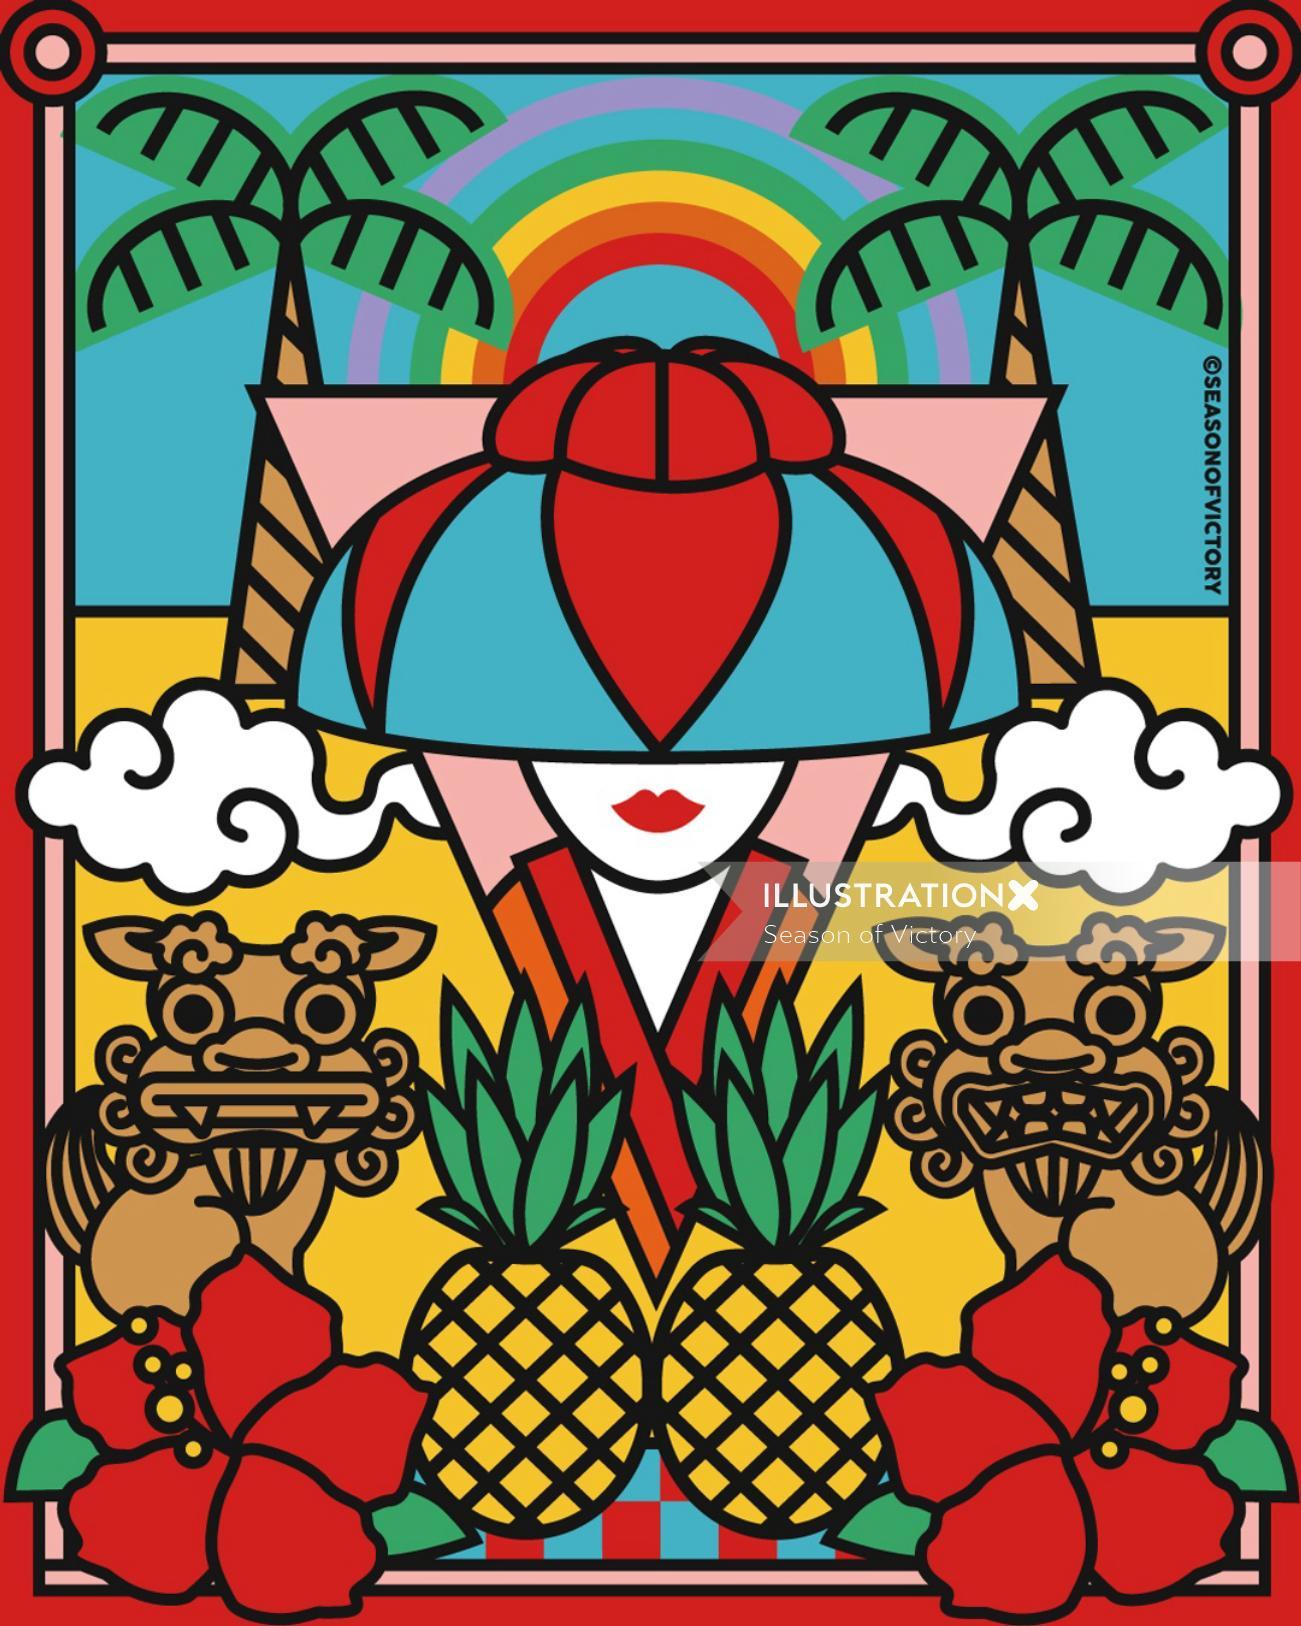 The healthy Okinawan diet pop art